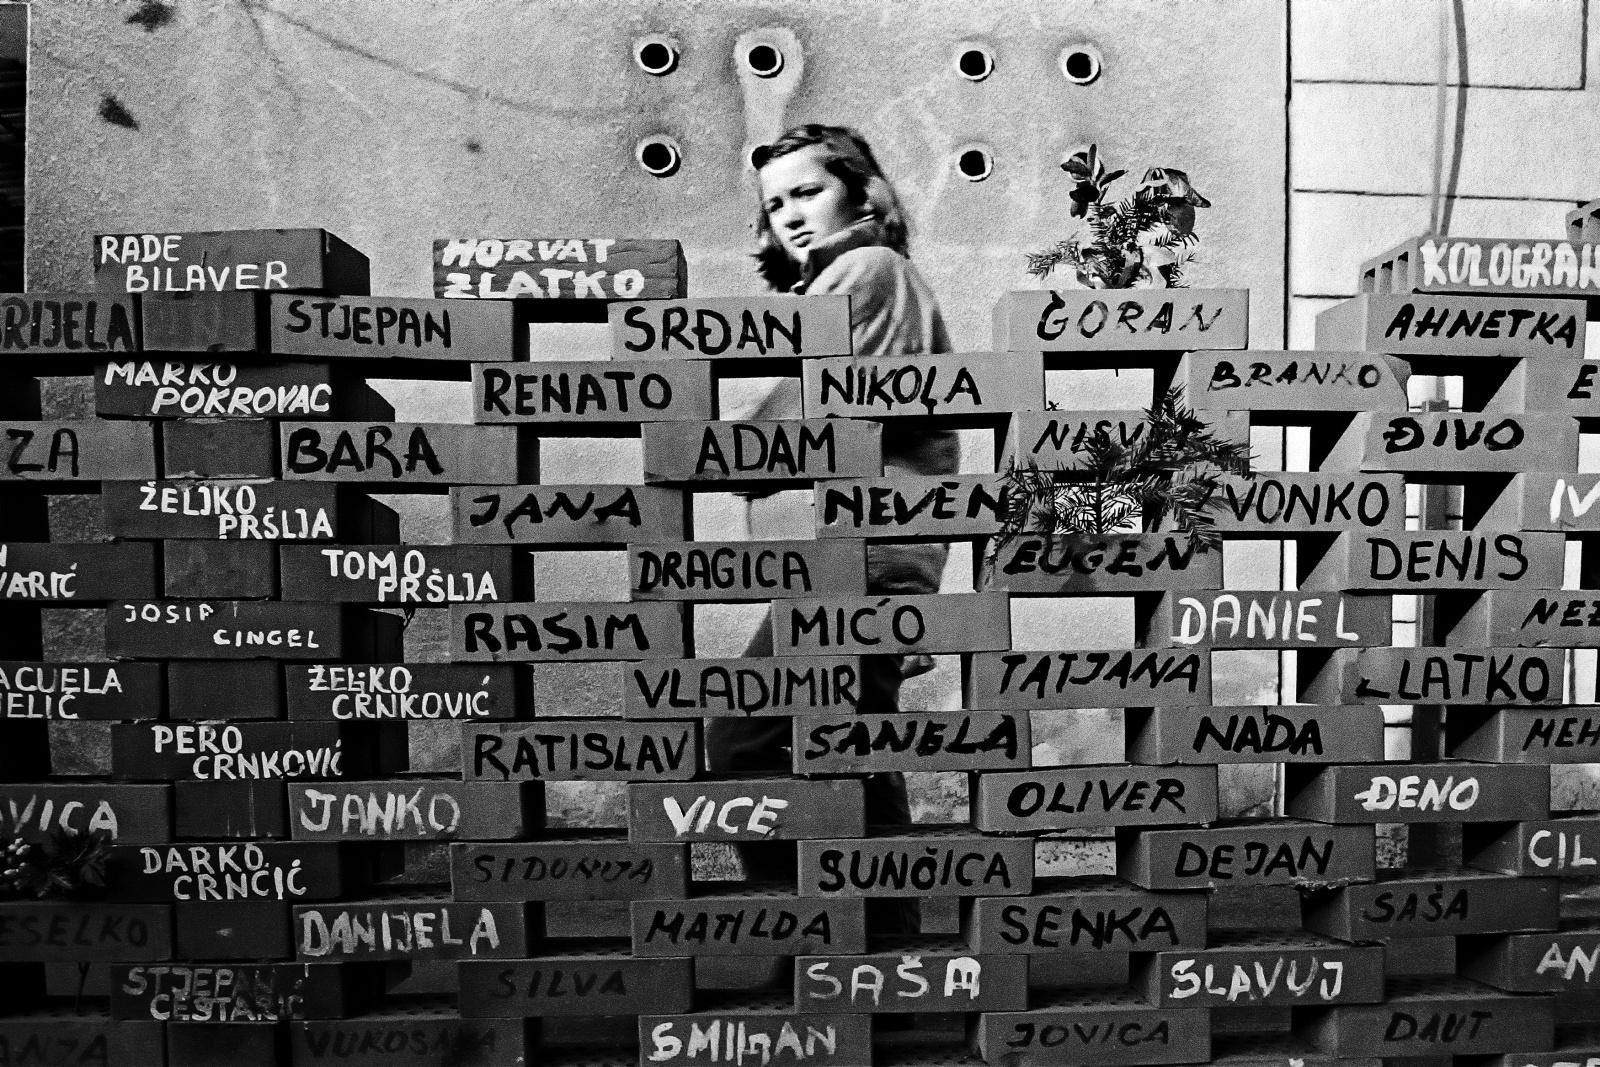 Zagabria 1991 - Un muro costruito con mattoni che riportano i nomi dei croati dispersi o caduti in guerra.